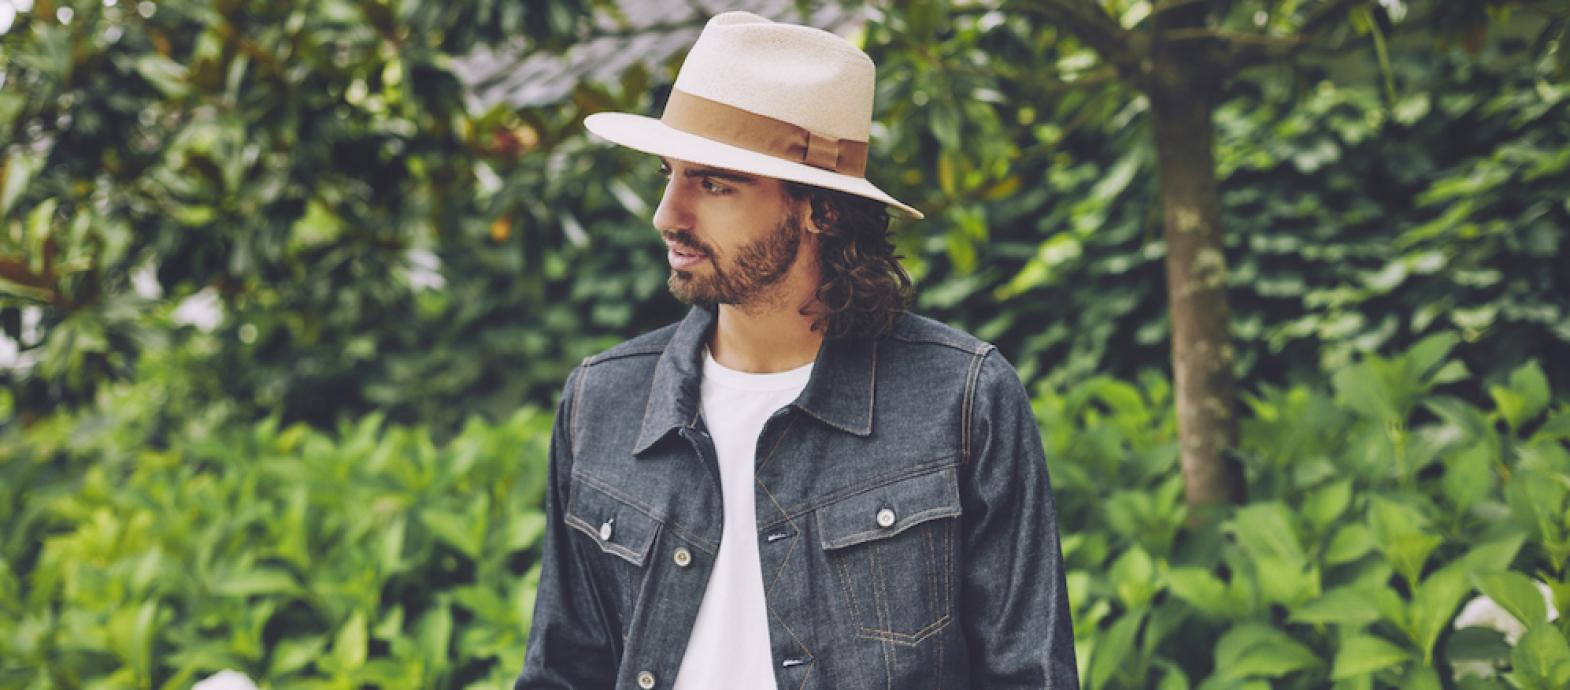 Luc - een steen-beige kleurige Panama fedora hoed voor optimale zonbescherming